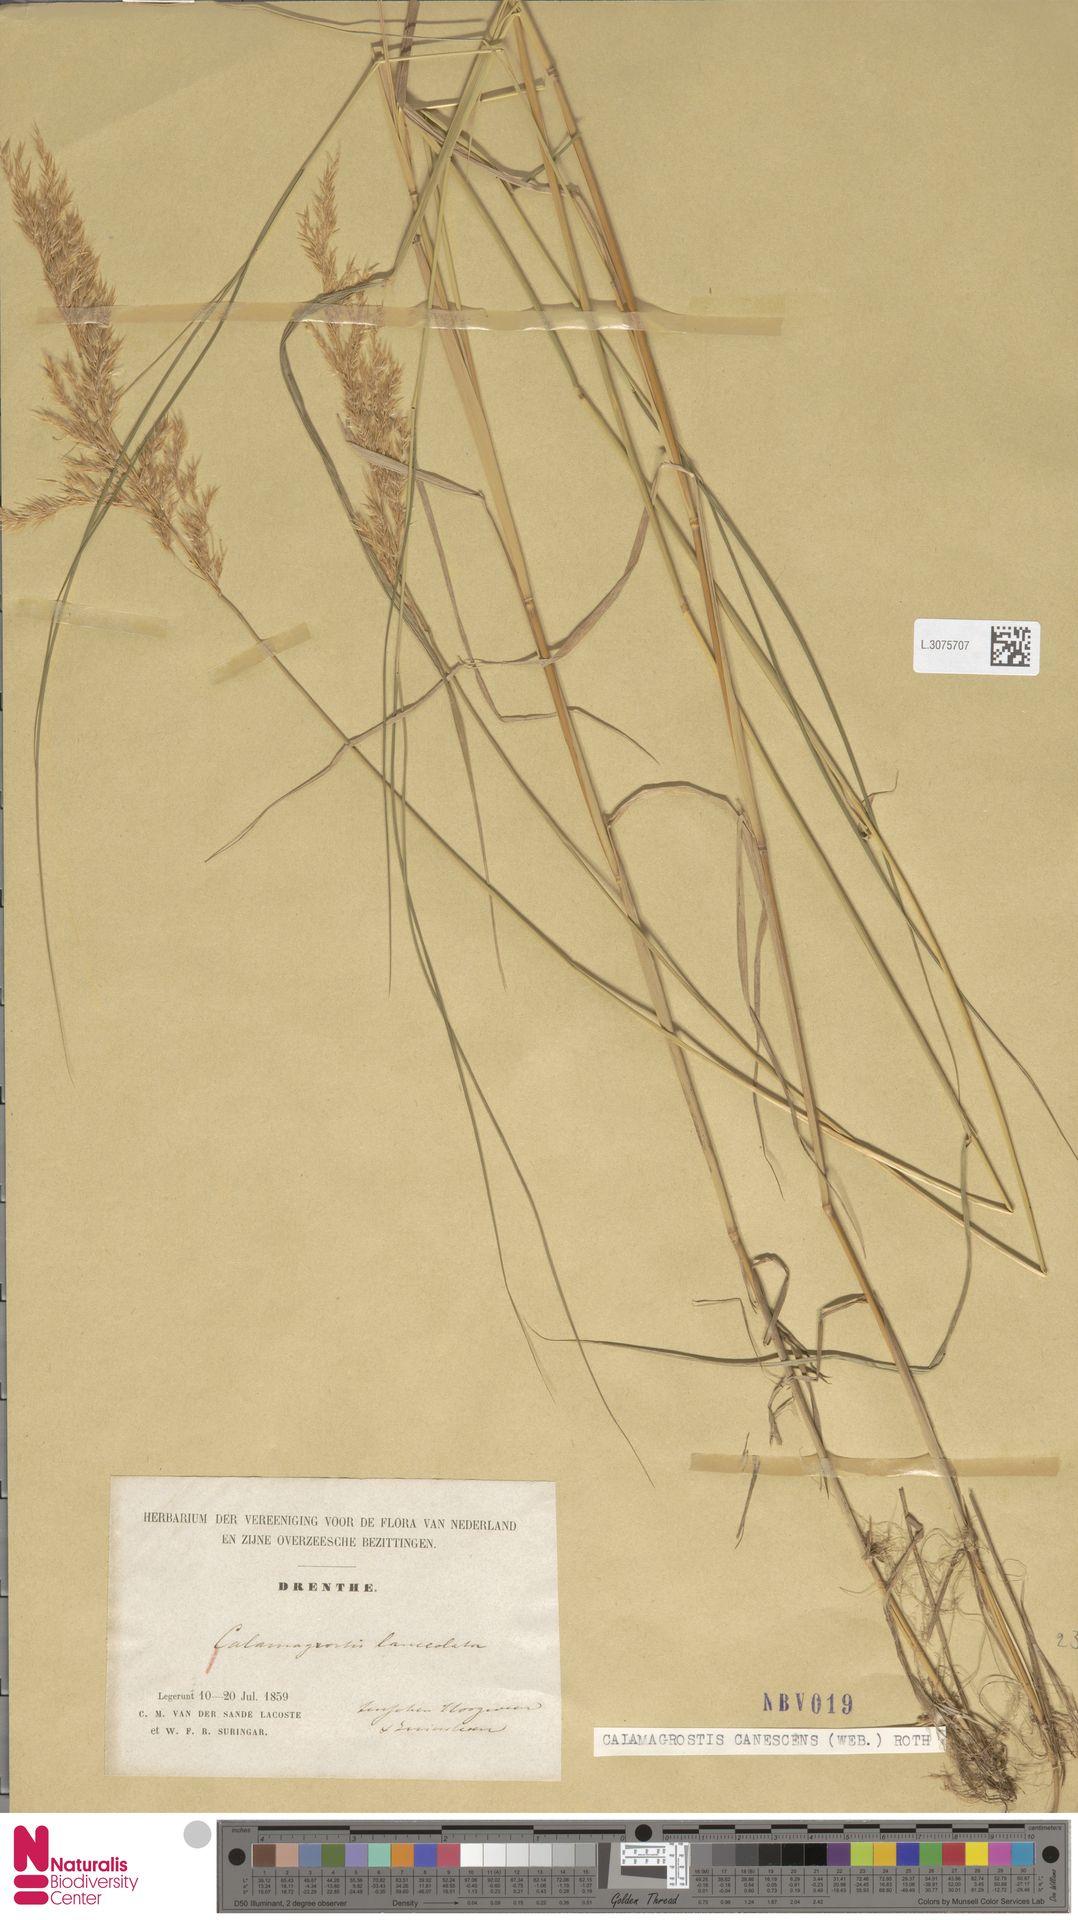 L.3075707   Calamagrostis canescens (Weber) Roth